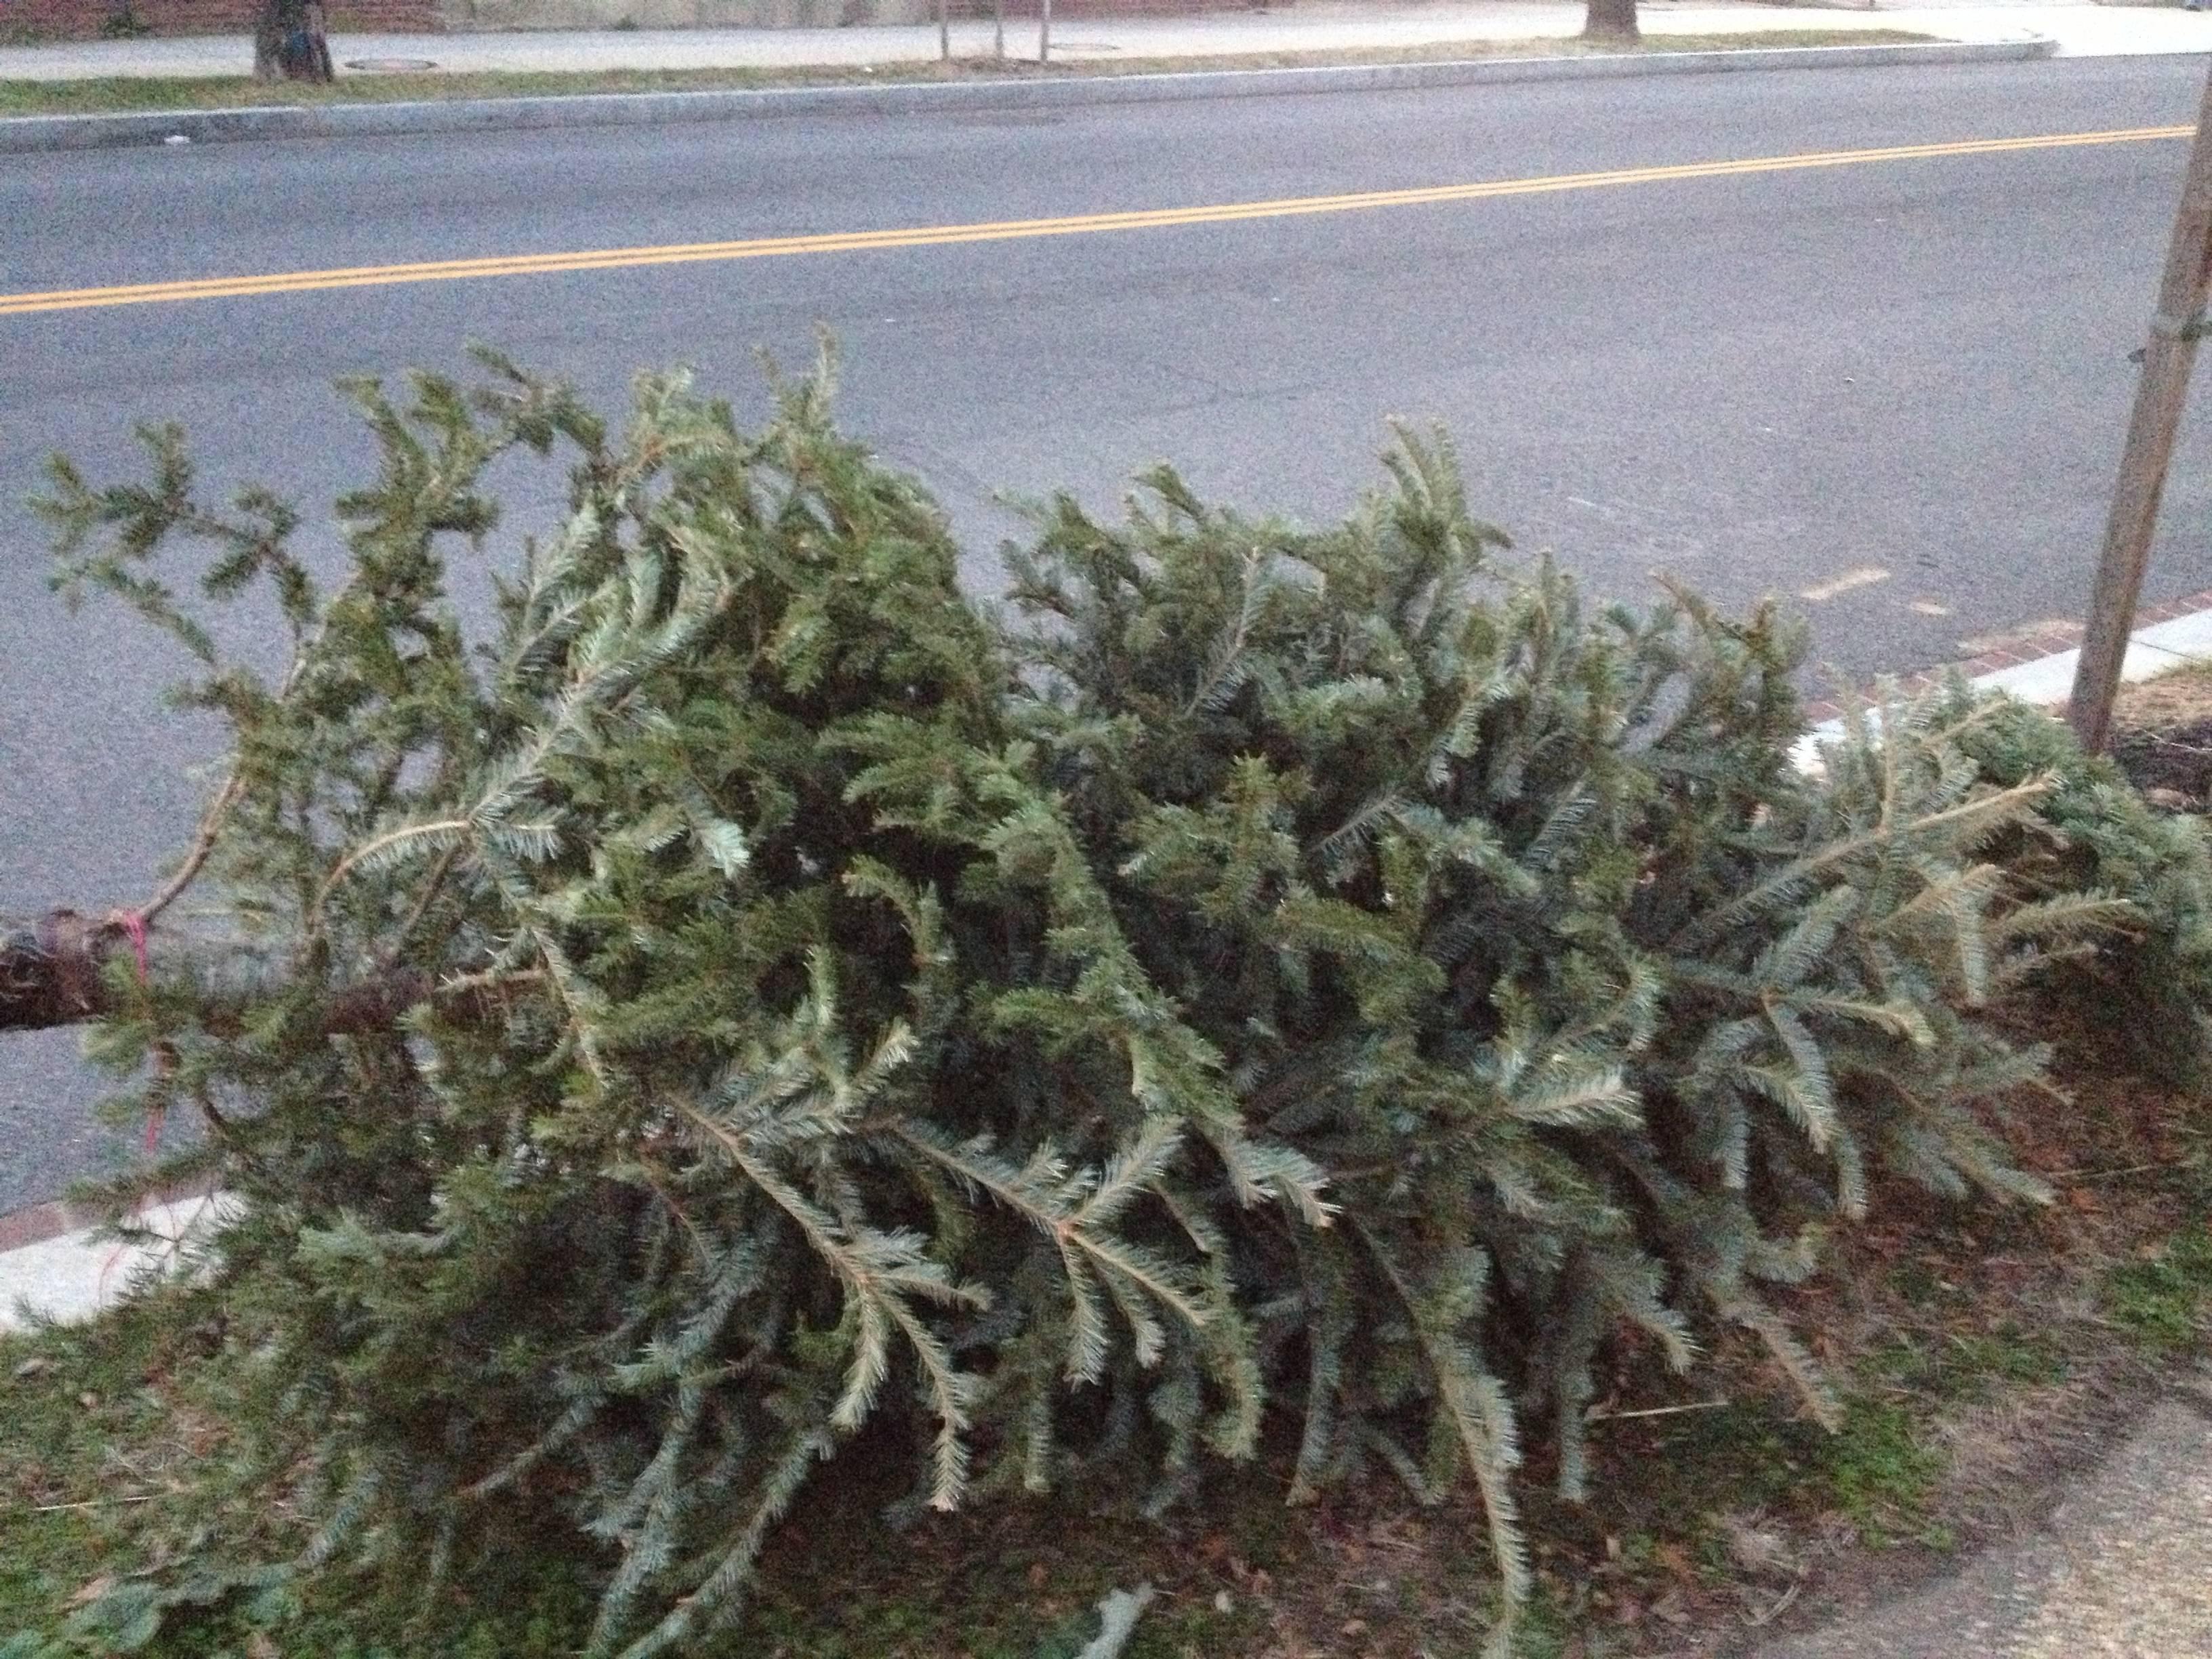 1d37a811c6d9f13ce9a8_Tree_at_curb.jpg